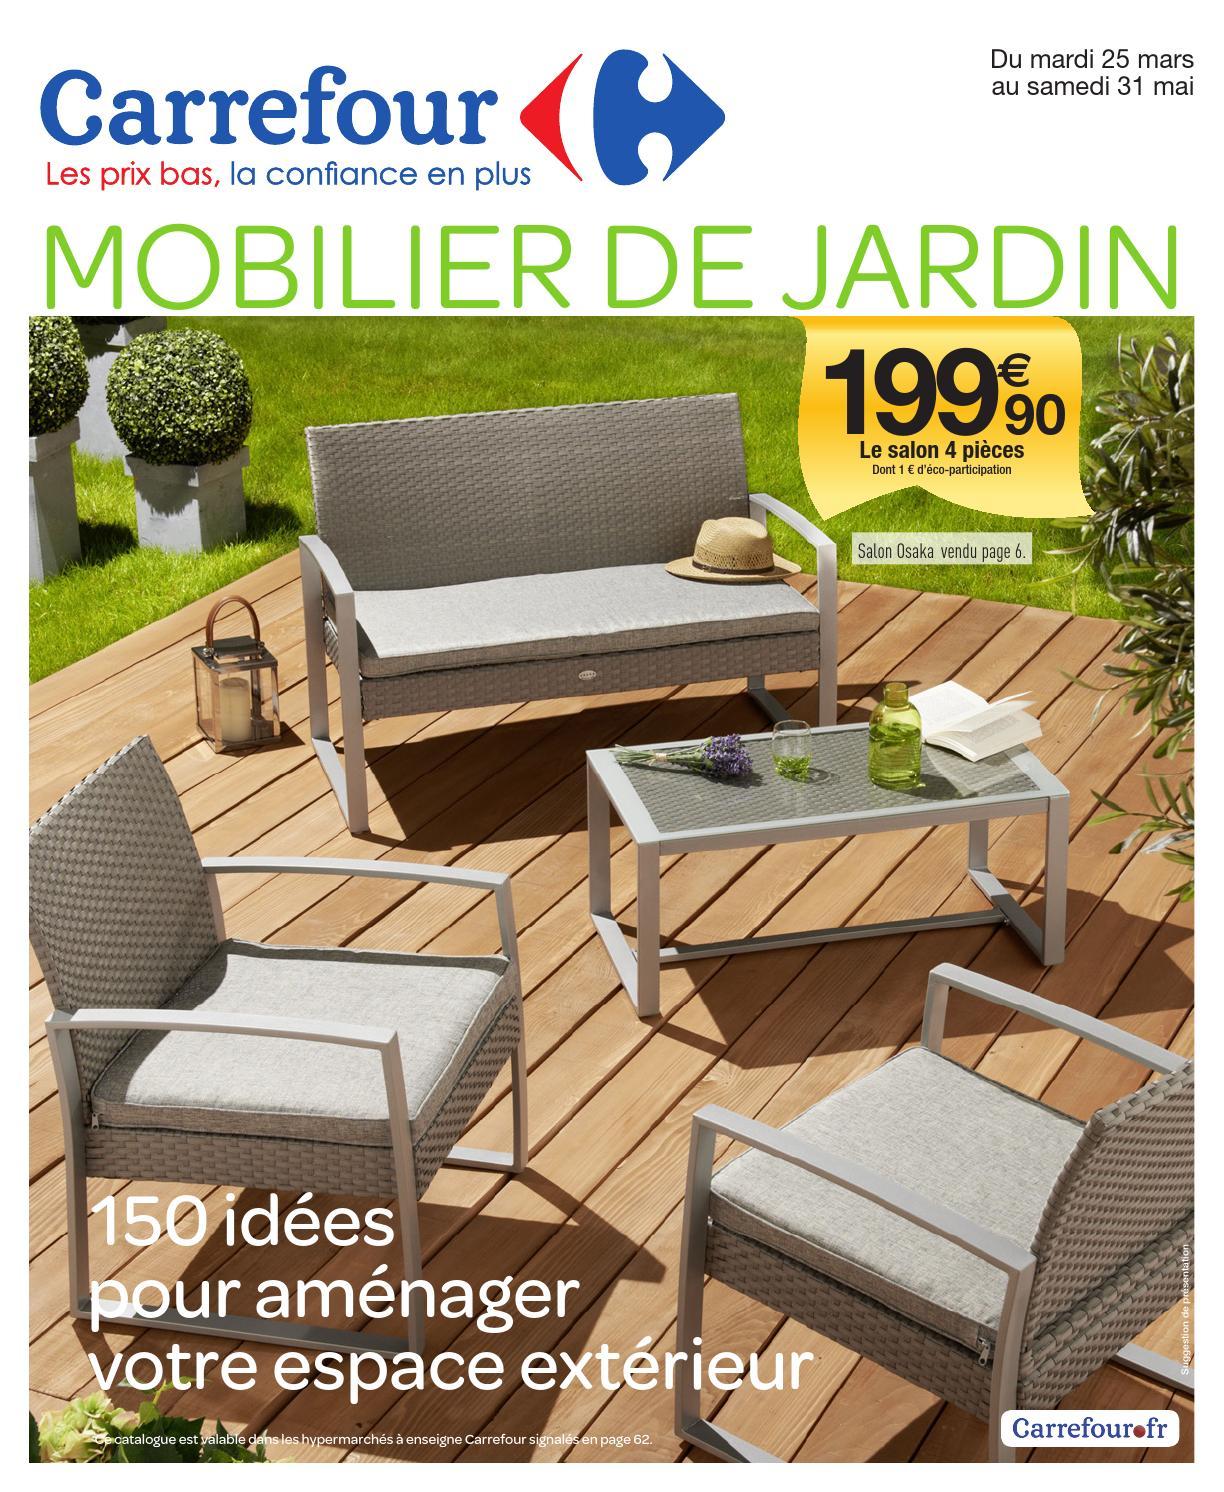 Catalogue Carrefour - 25.03-31.05.2014 By Joe Monroe - Issuu pour Table De Jardin Pliante Carrefour